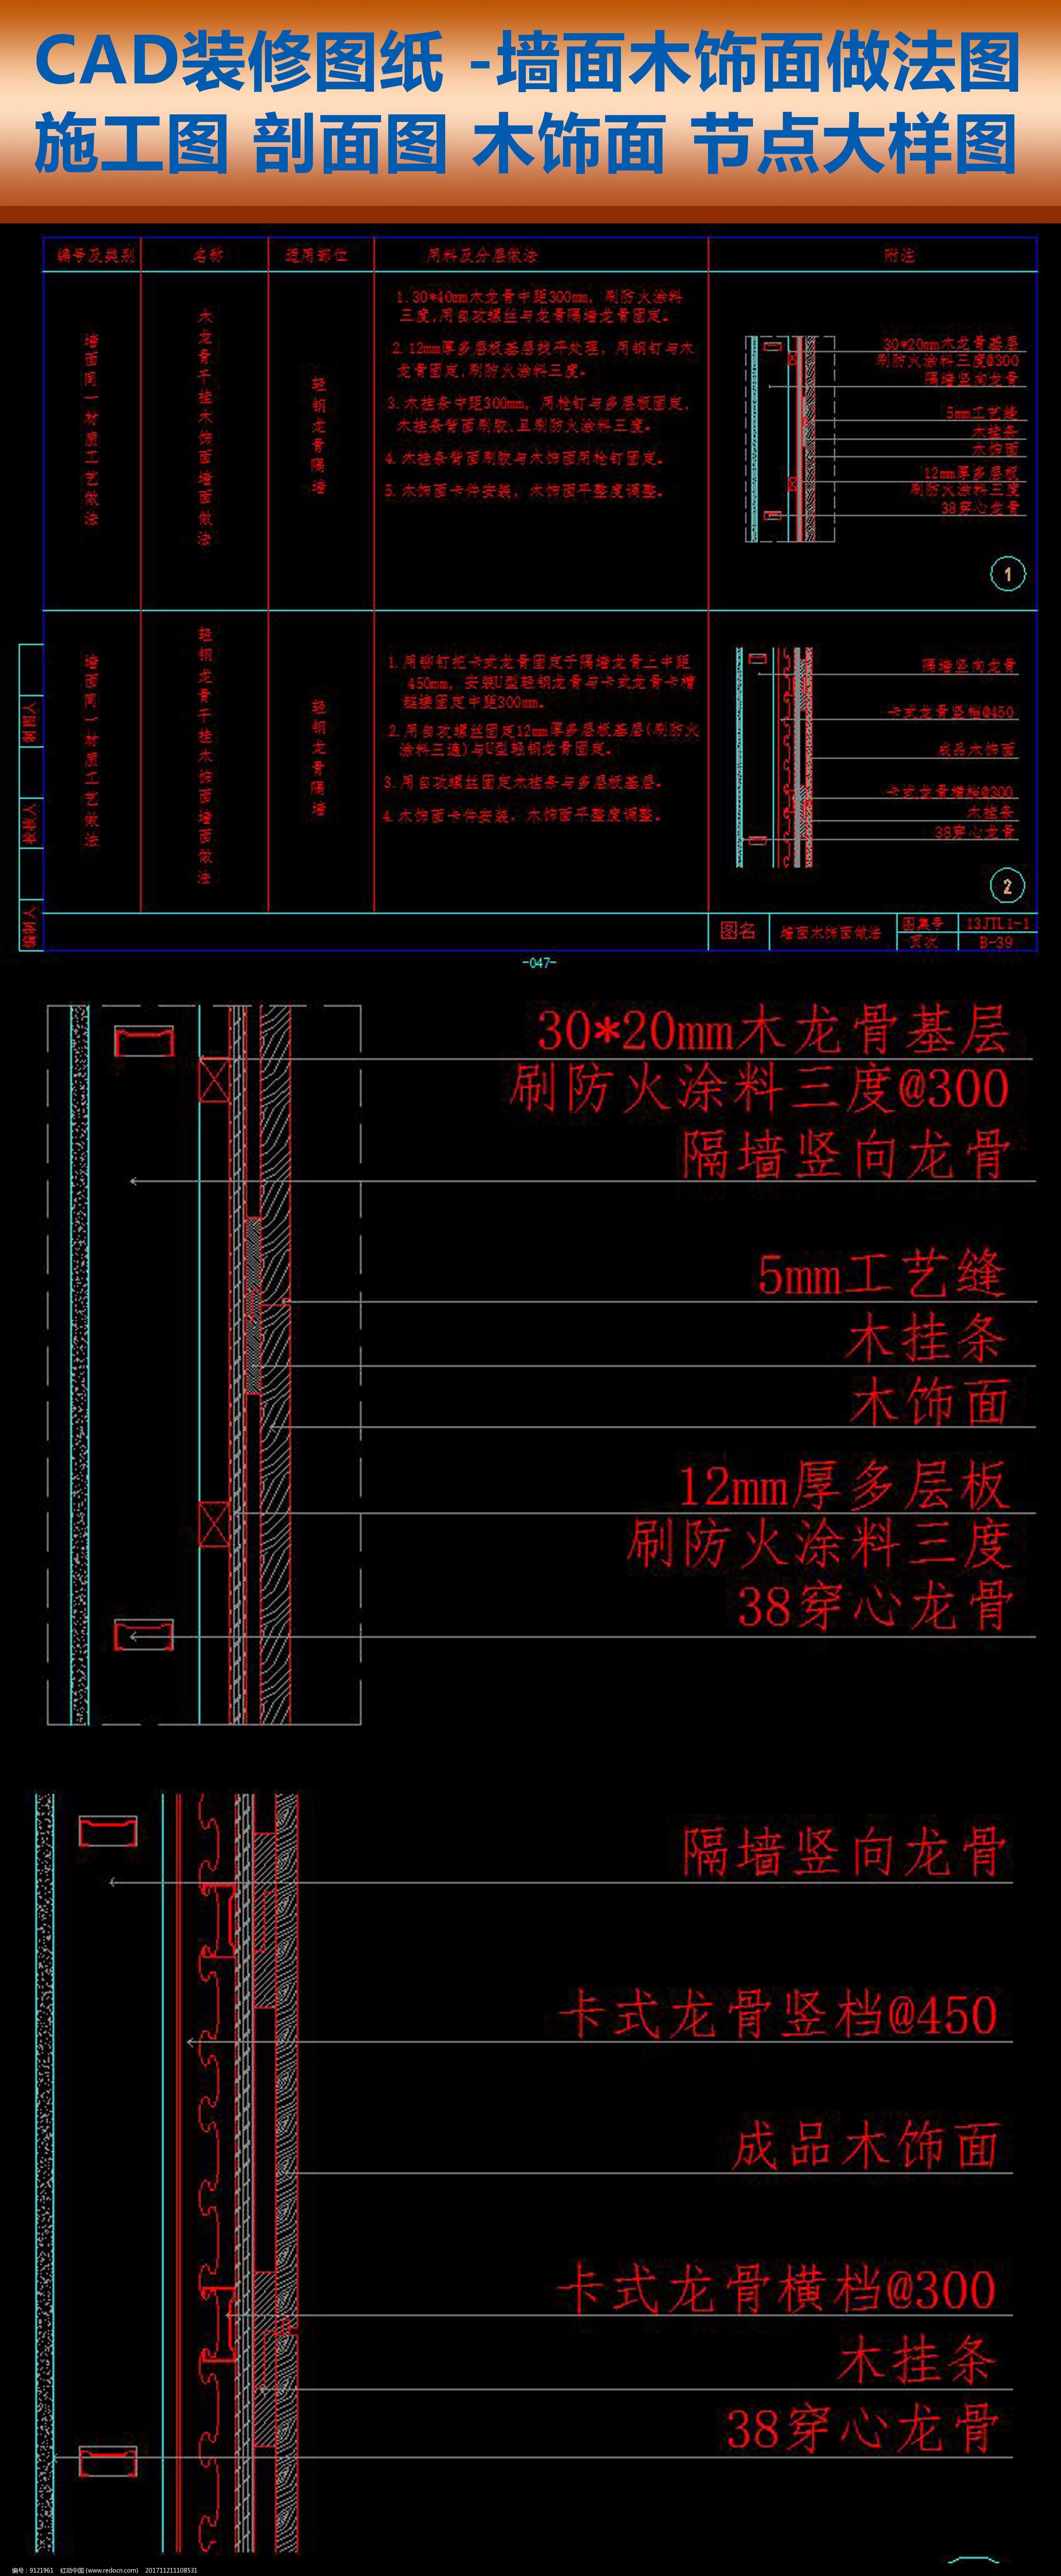 CAD墙面木饰面做法施工图图片